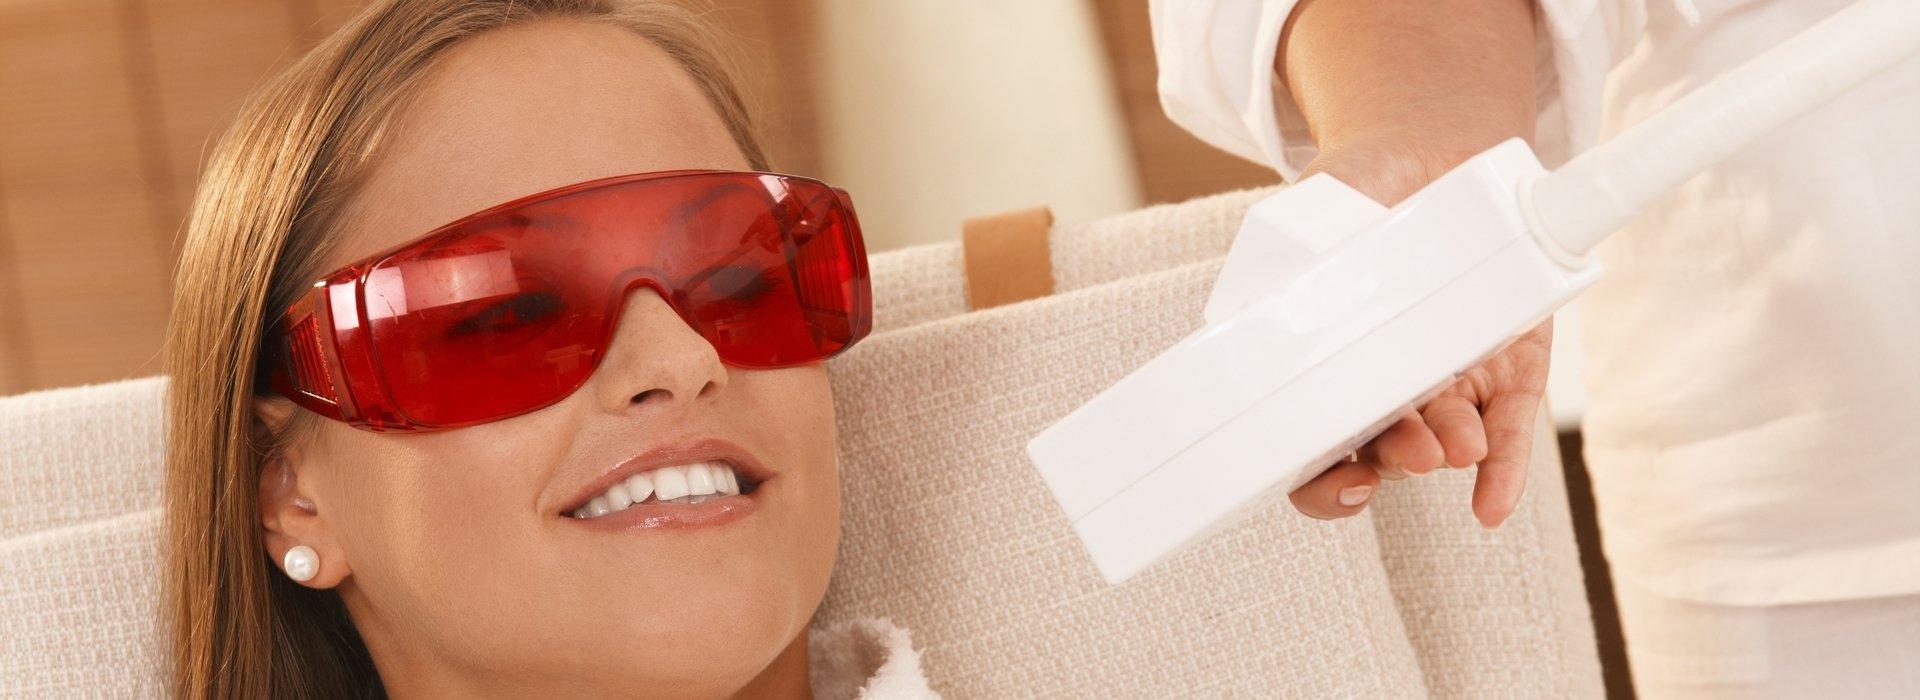 Kurzsichtigkeitkorrektur mit Laser